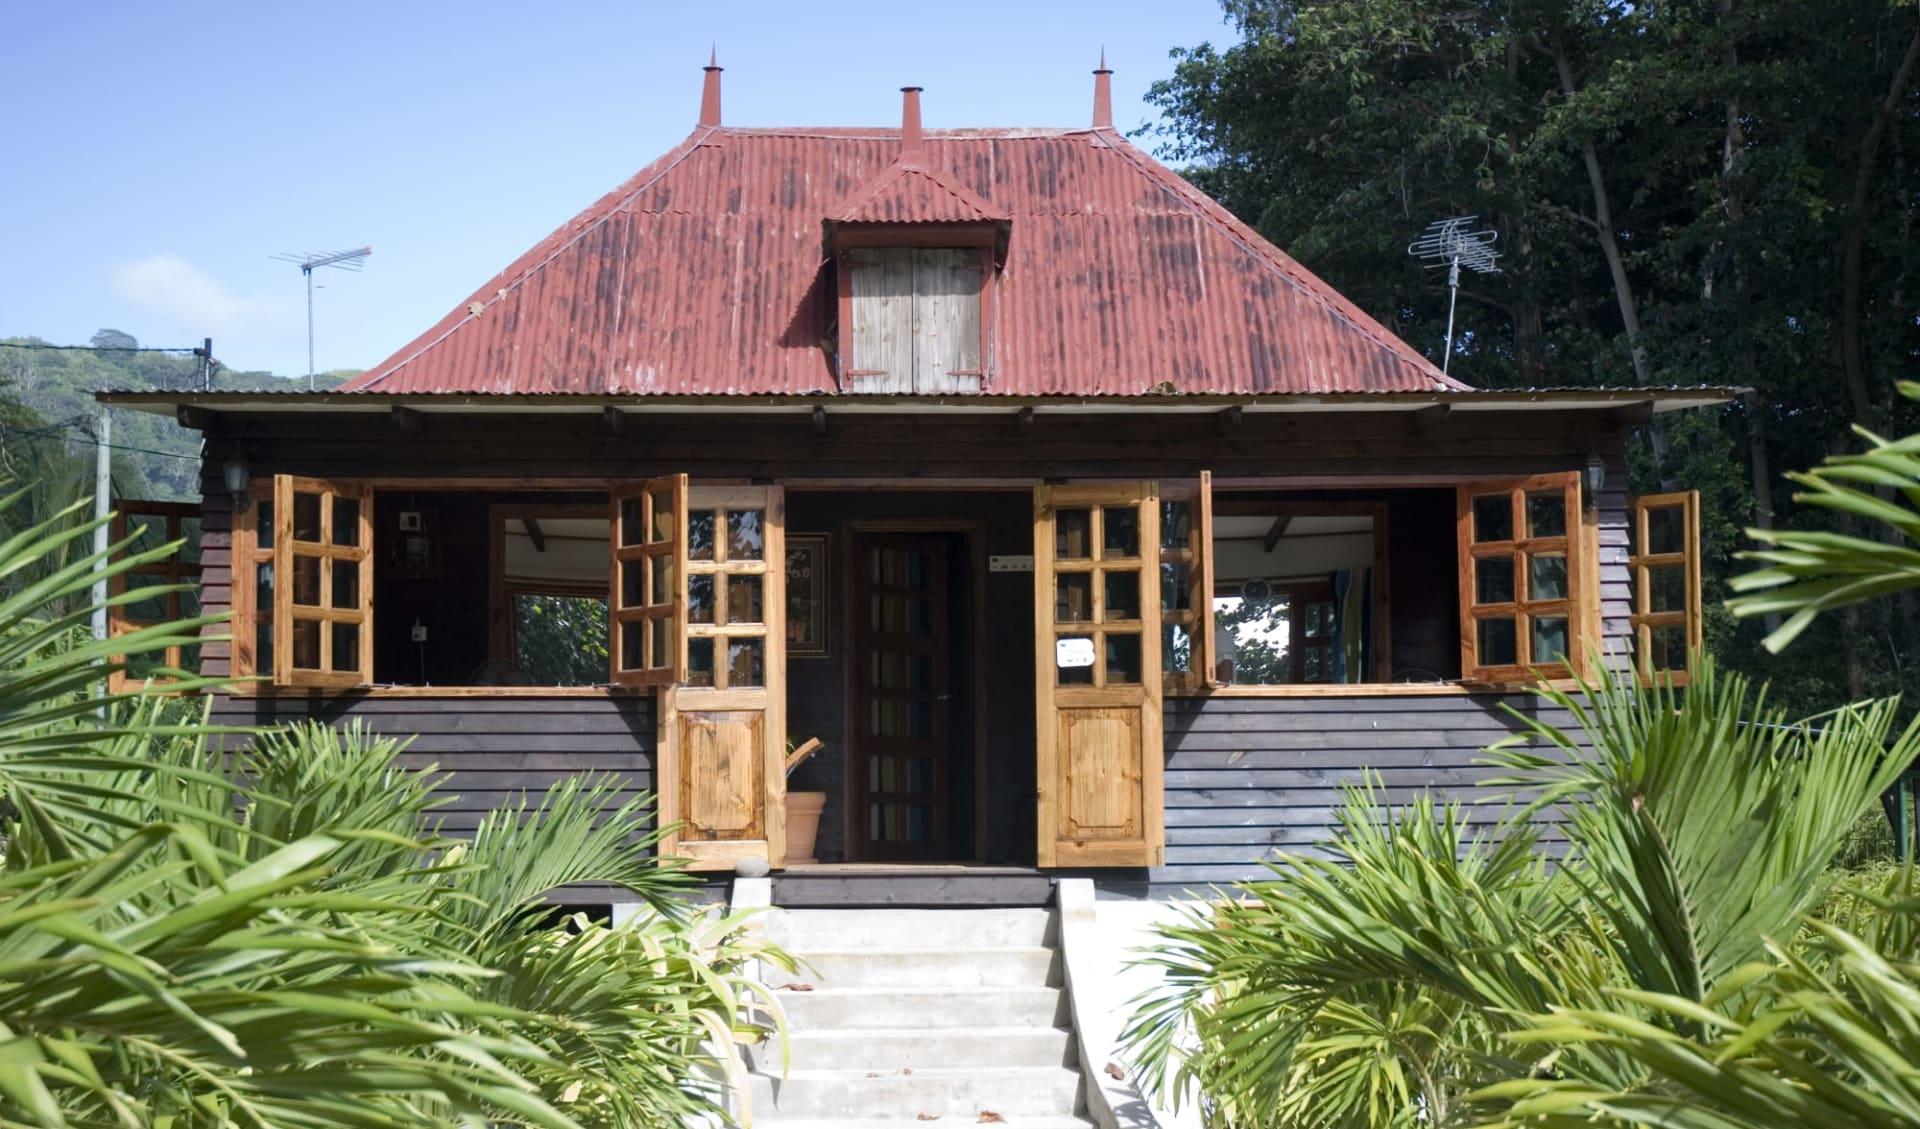 Villa Creole in La Digue:  Villa Creole